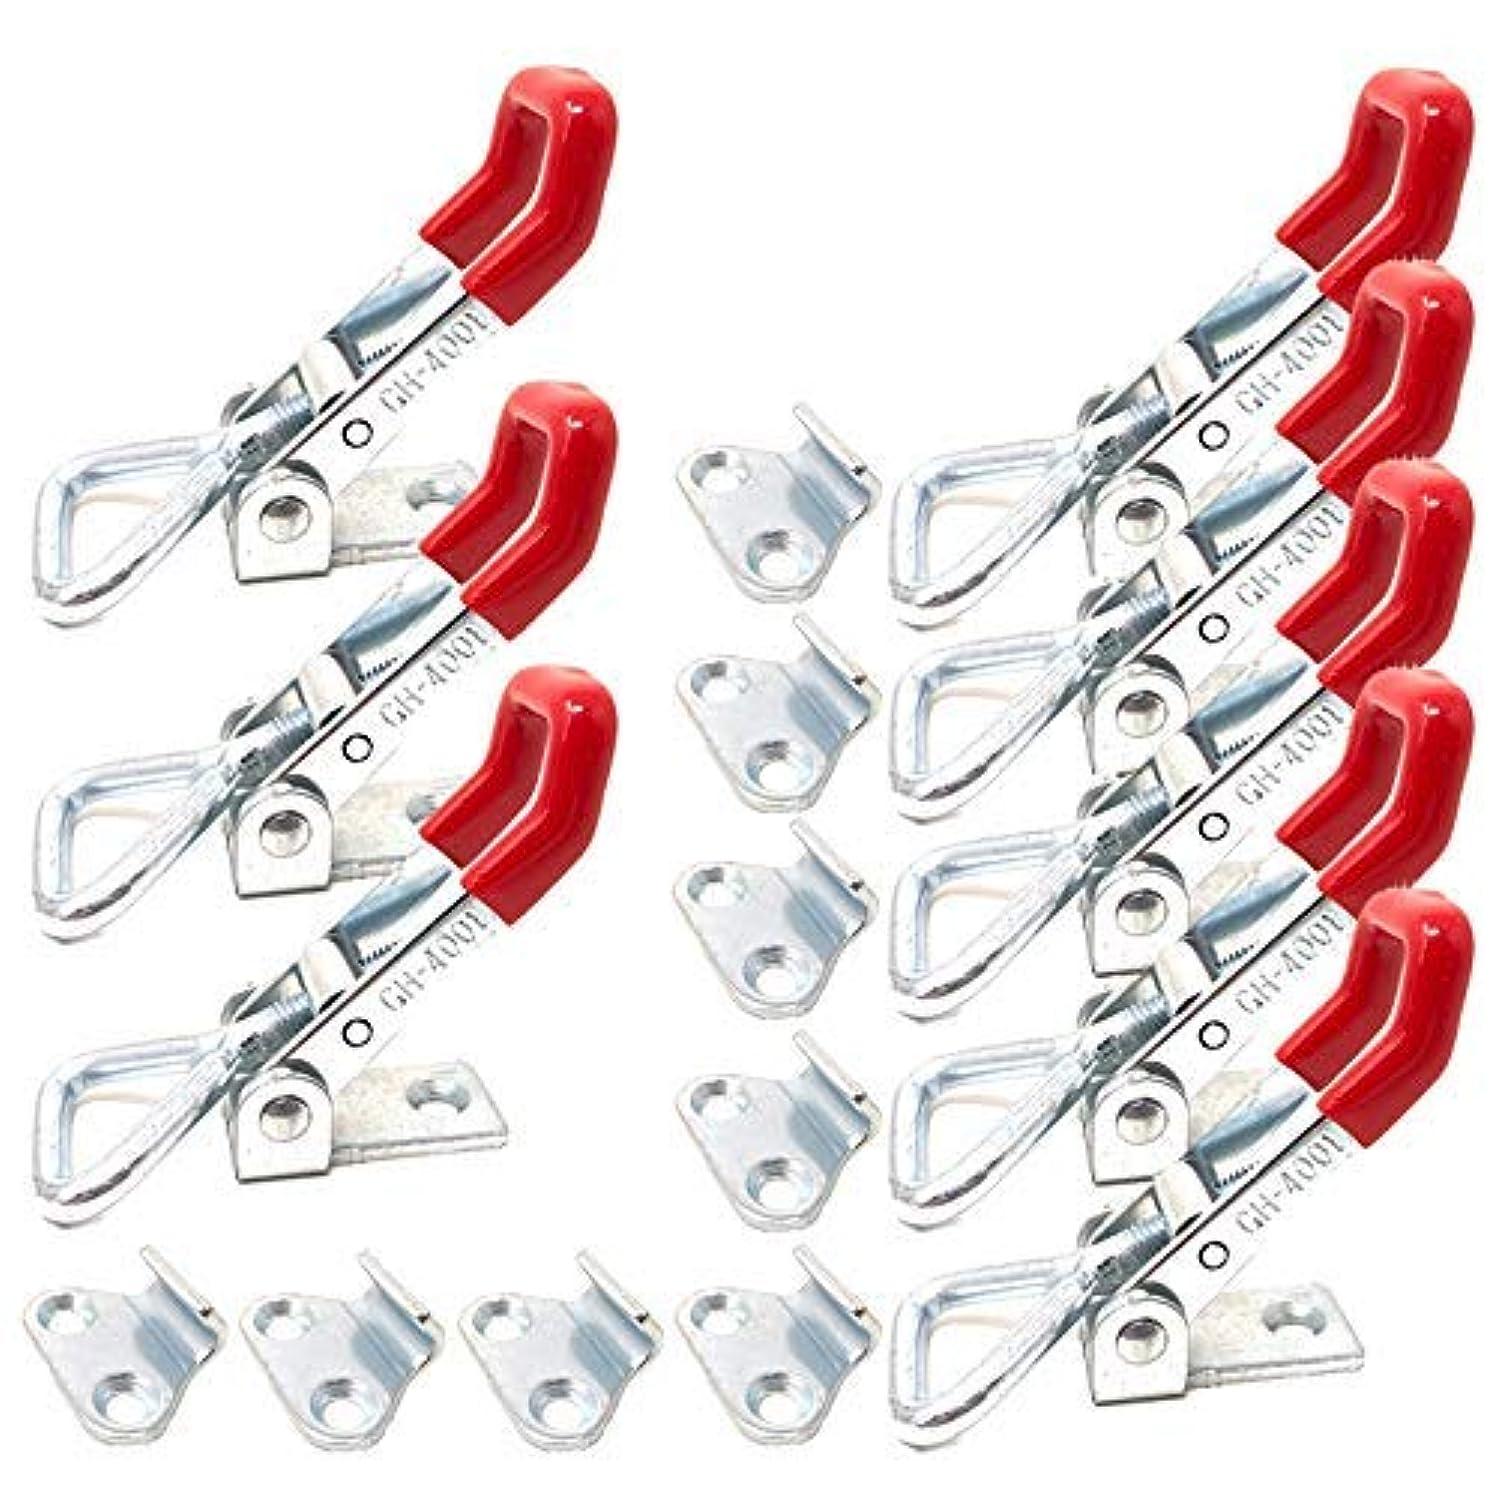 優れたクールマーティフィールディング8PCS Toggle Clamp 4001 Heavy Duty Hand Tool Quick Release Metal Holding Capacity Latch Type 220 Lbs [並行輸入品]